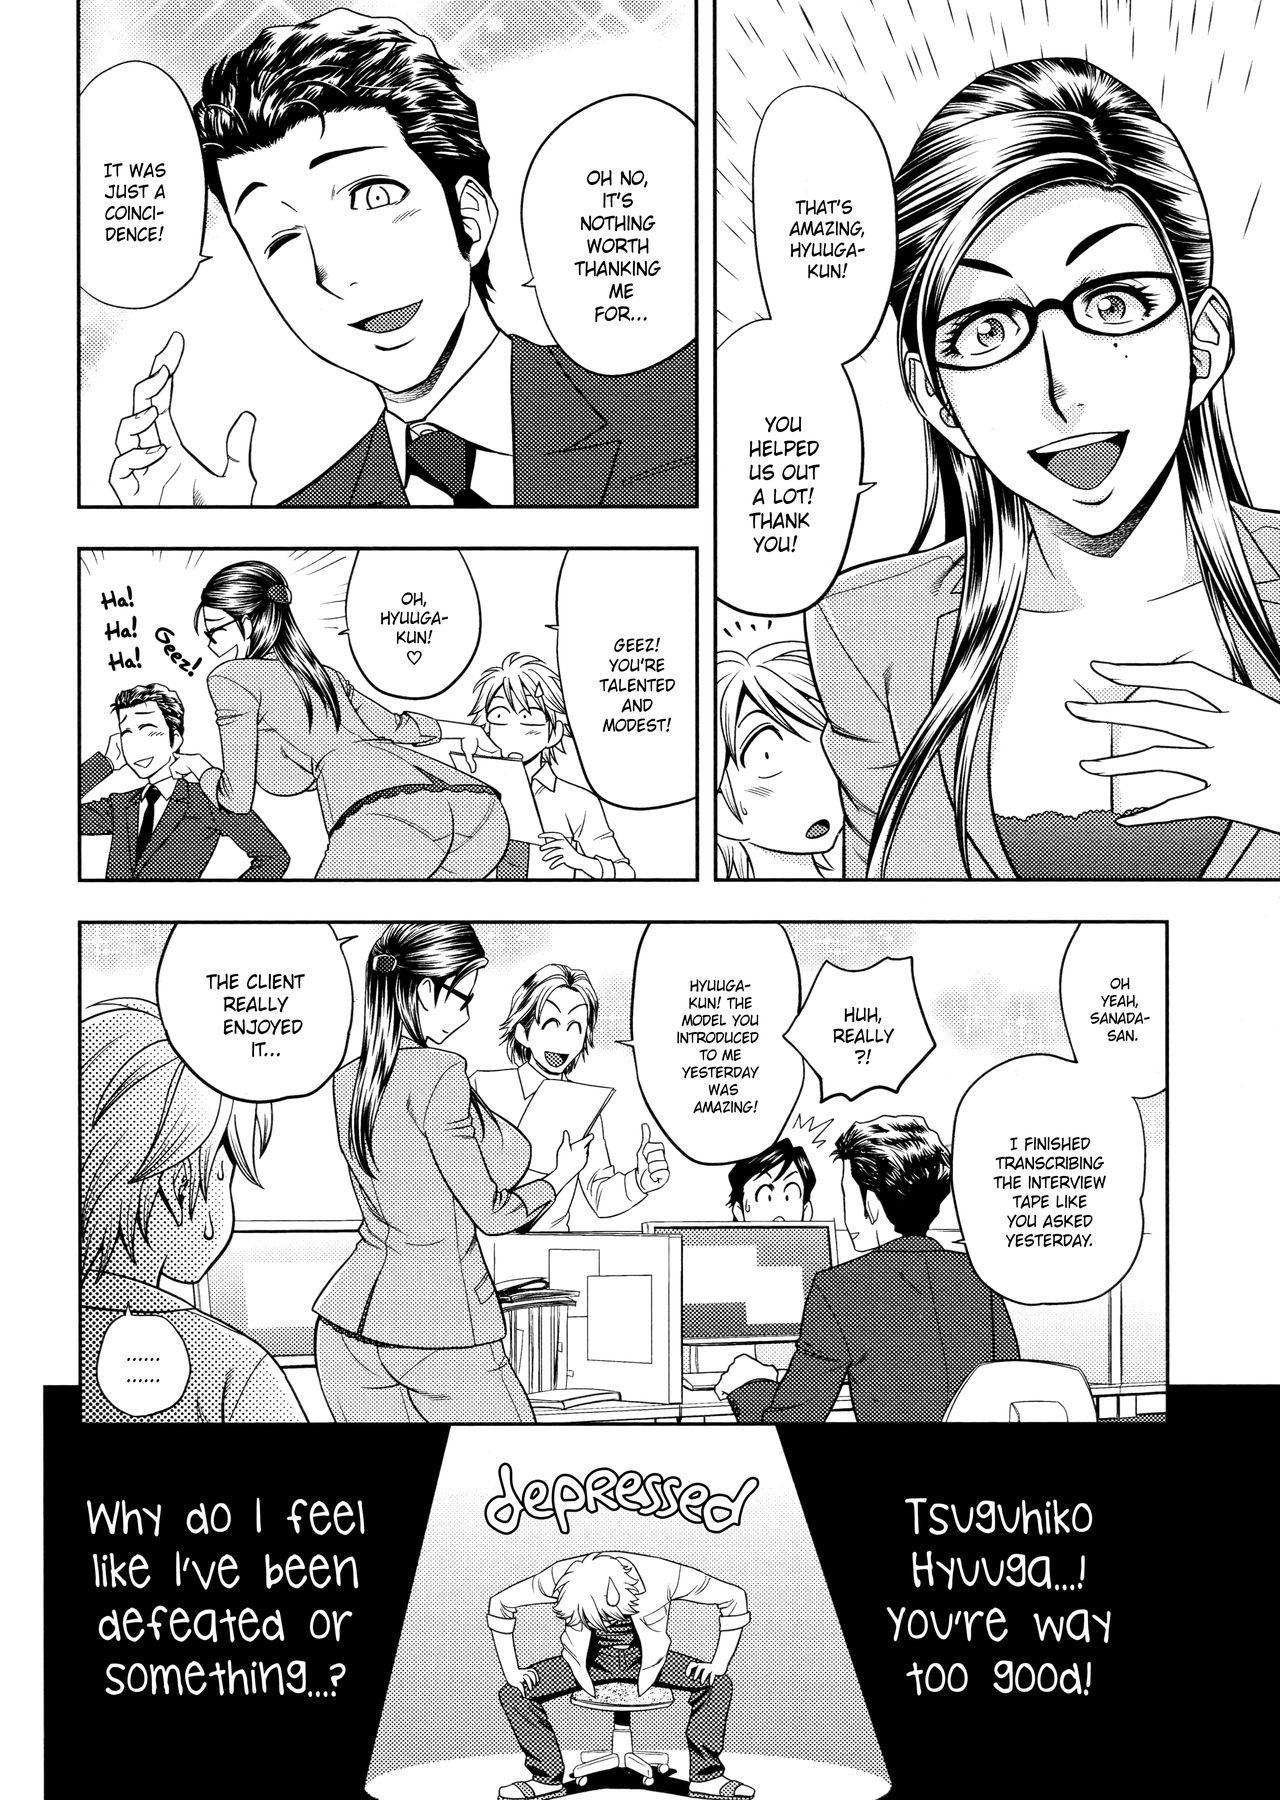 [Tatsunami Youtoku, Yamazaki Masato] Bijin Henshuu-chou no Himitsu | Beautiful Editor-in-Chief's Secret Ch. 1-5 [English] [Forbiddenfetish77, Red Vodka, Crystalium] [Decensored] 71